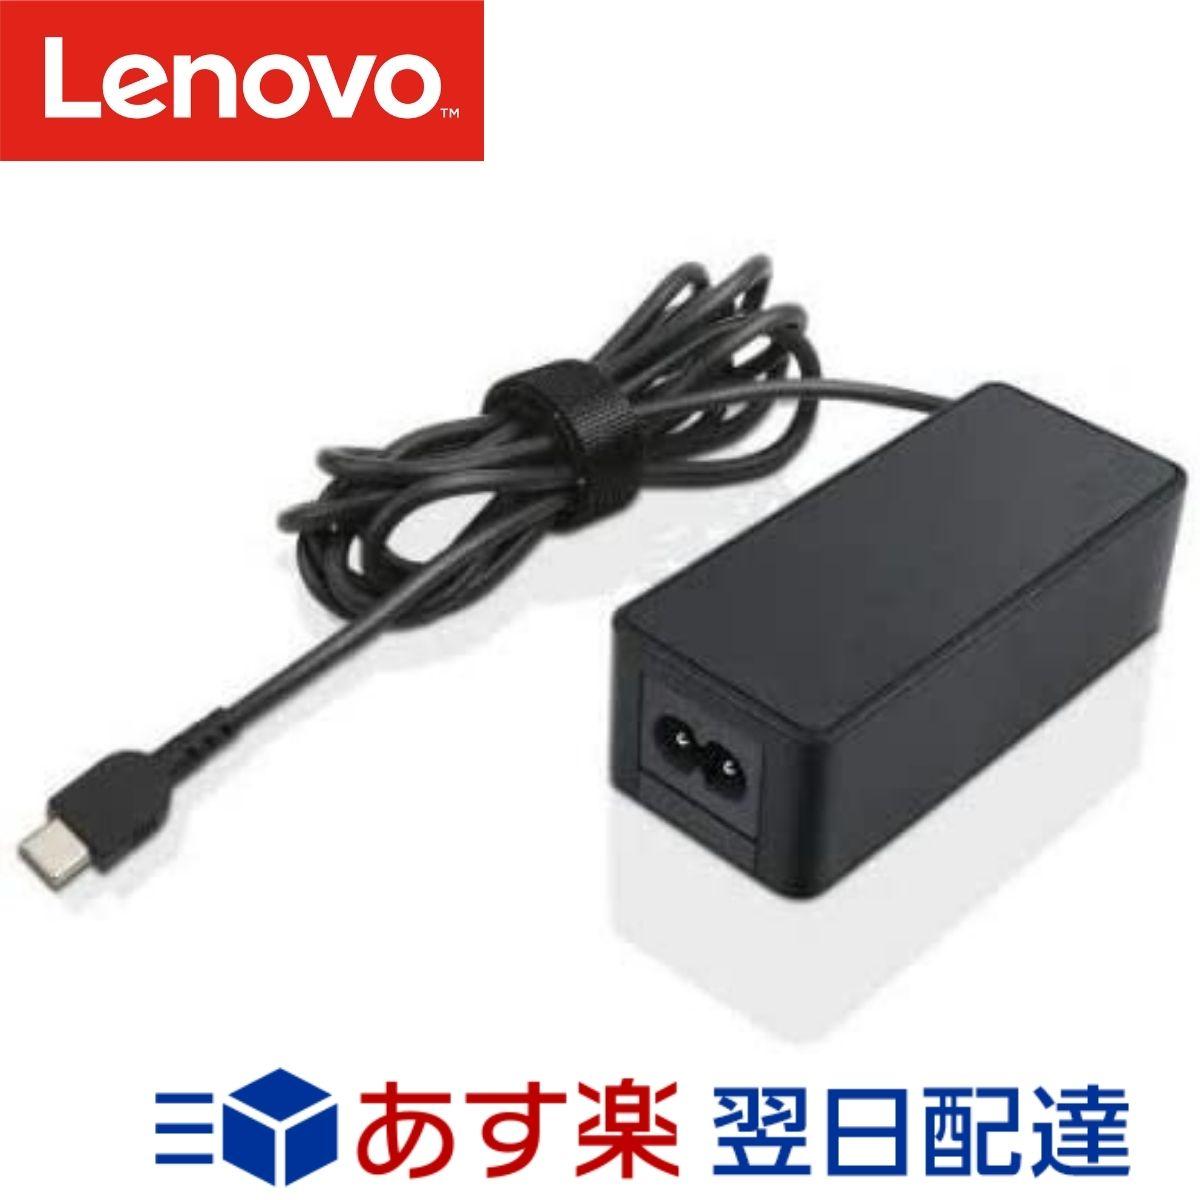 あすつく 送料無料 ポイント消化 専門店 メーカー純正品 1年保証 Lenovo USB ACアダプター 4X20M26255 Type-C 大規模セール レノボ 45W